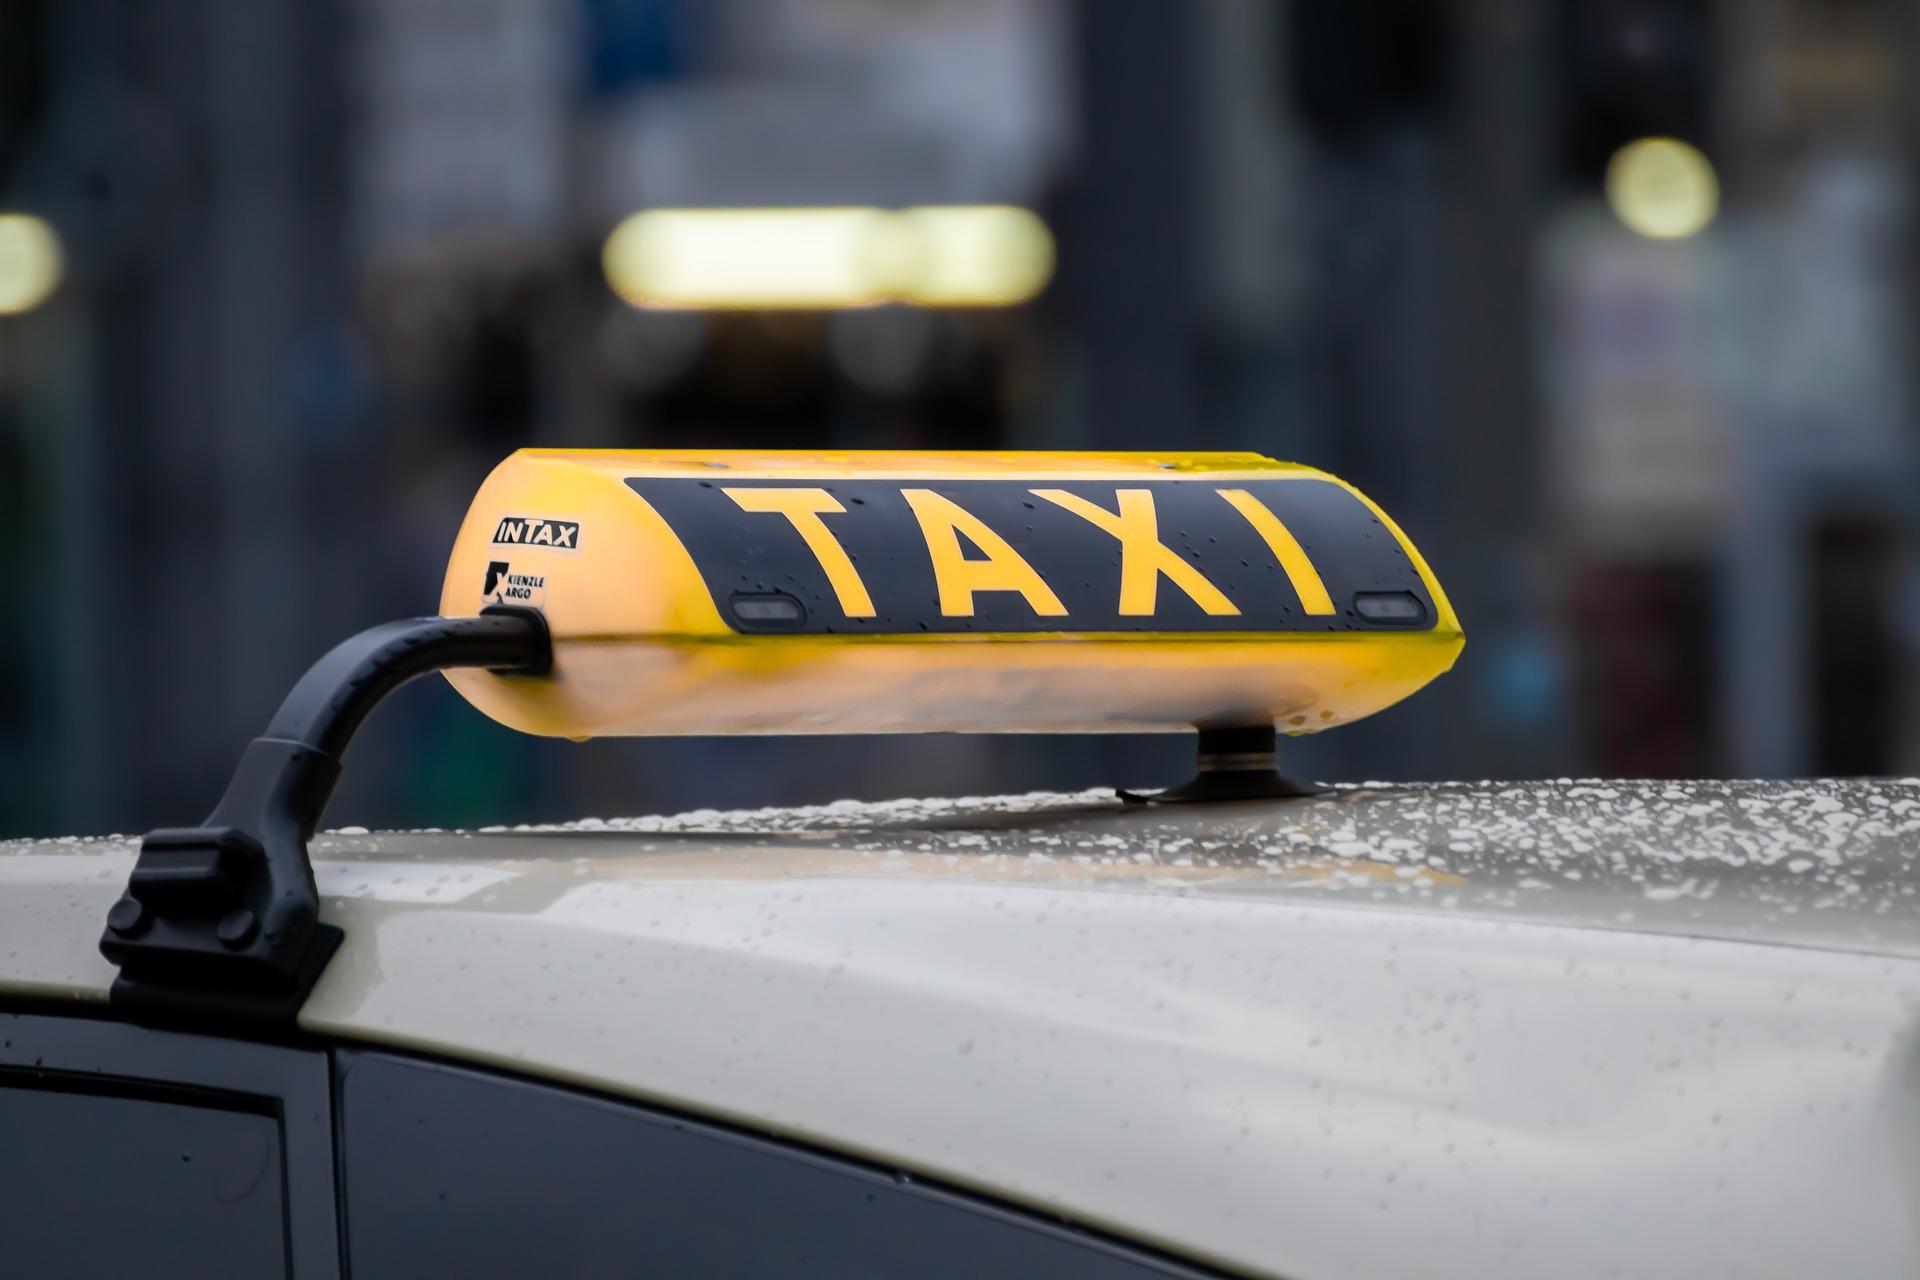 Anreise mit dem Taxi zum Flughafen Berlin